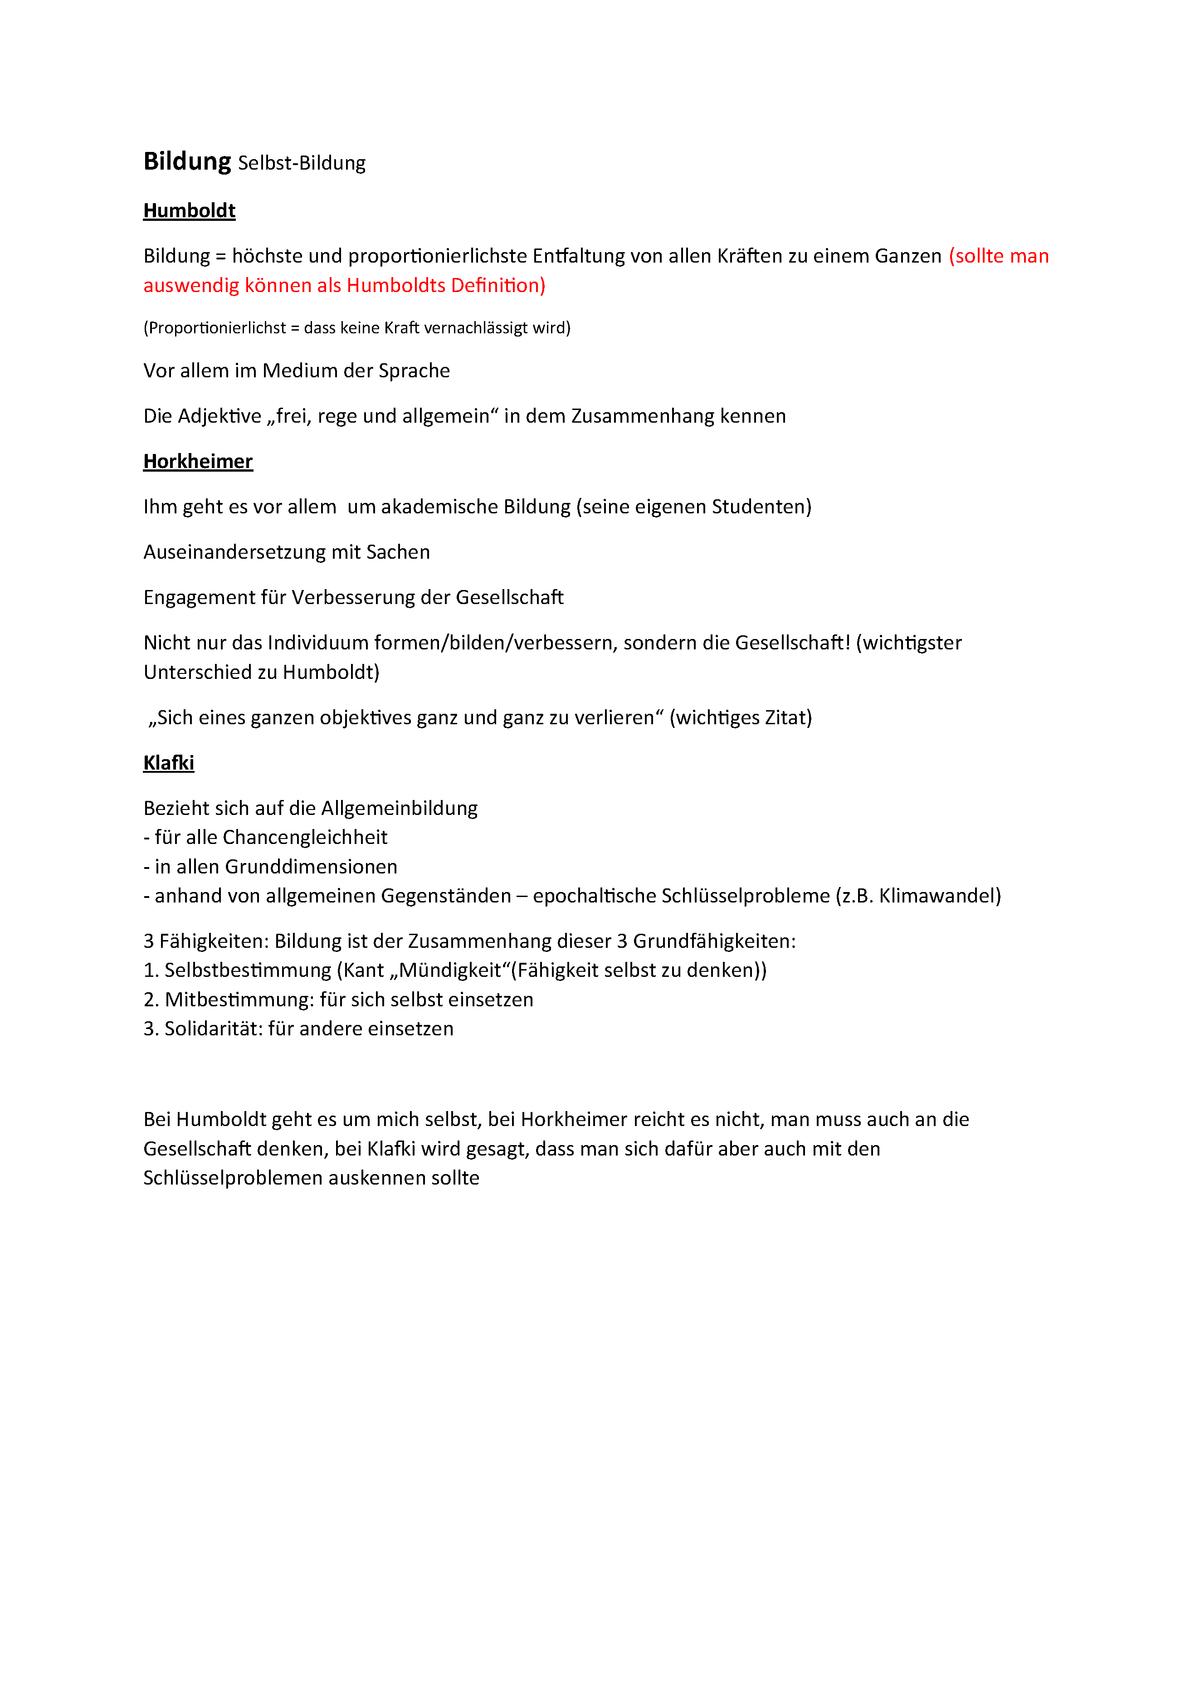 Zusammenfassung Bildung 060877 Wwu Studocu